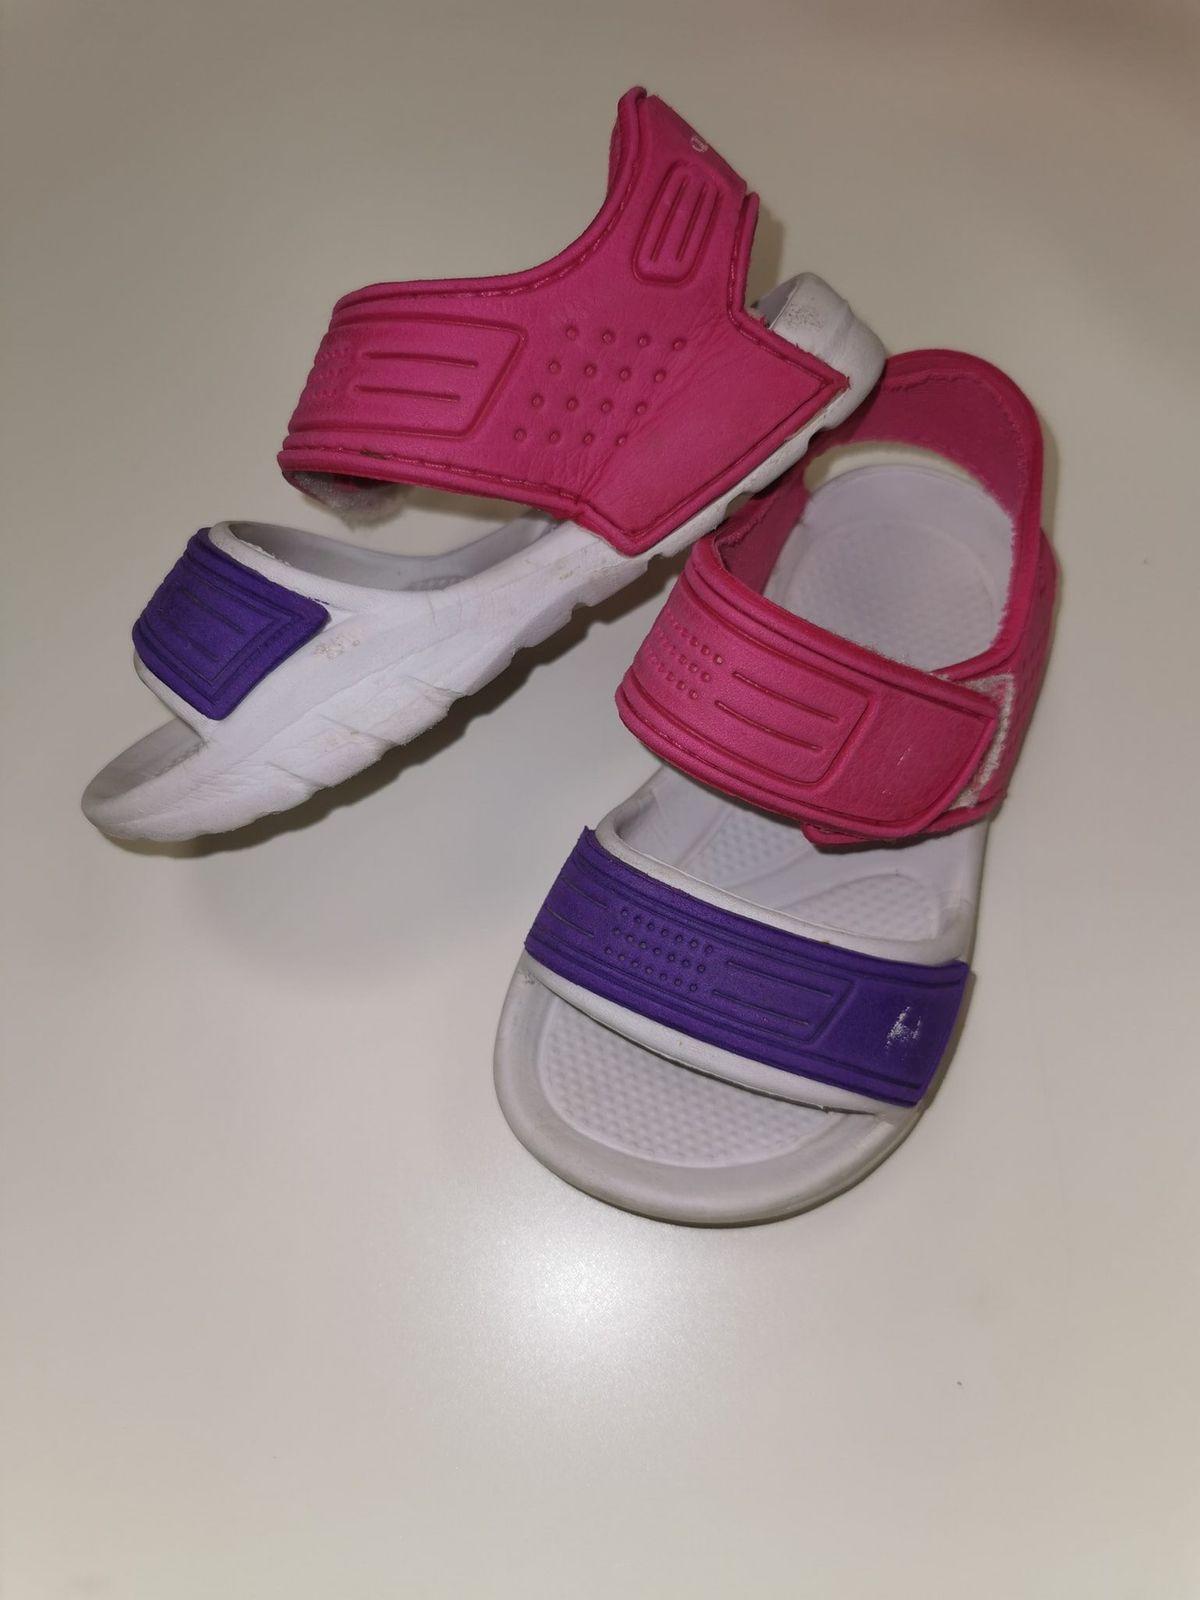 12870. Sandalo con strappi Euro 7,00